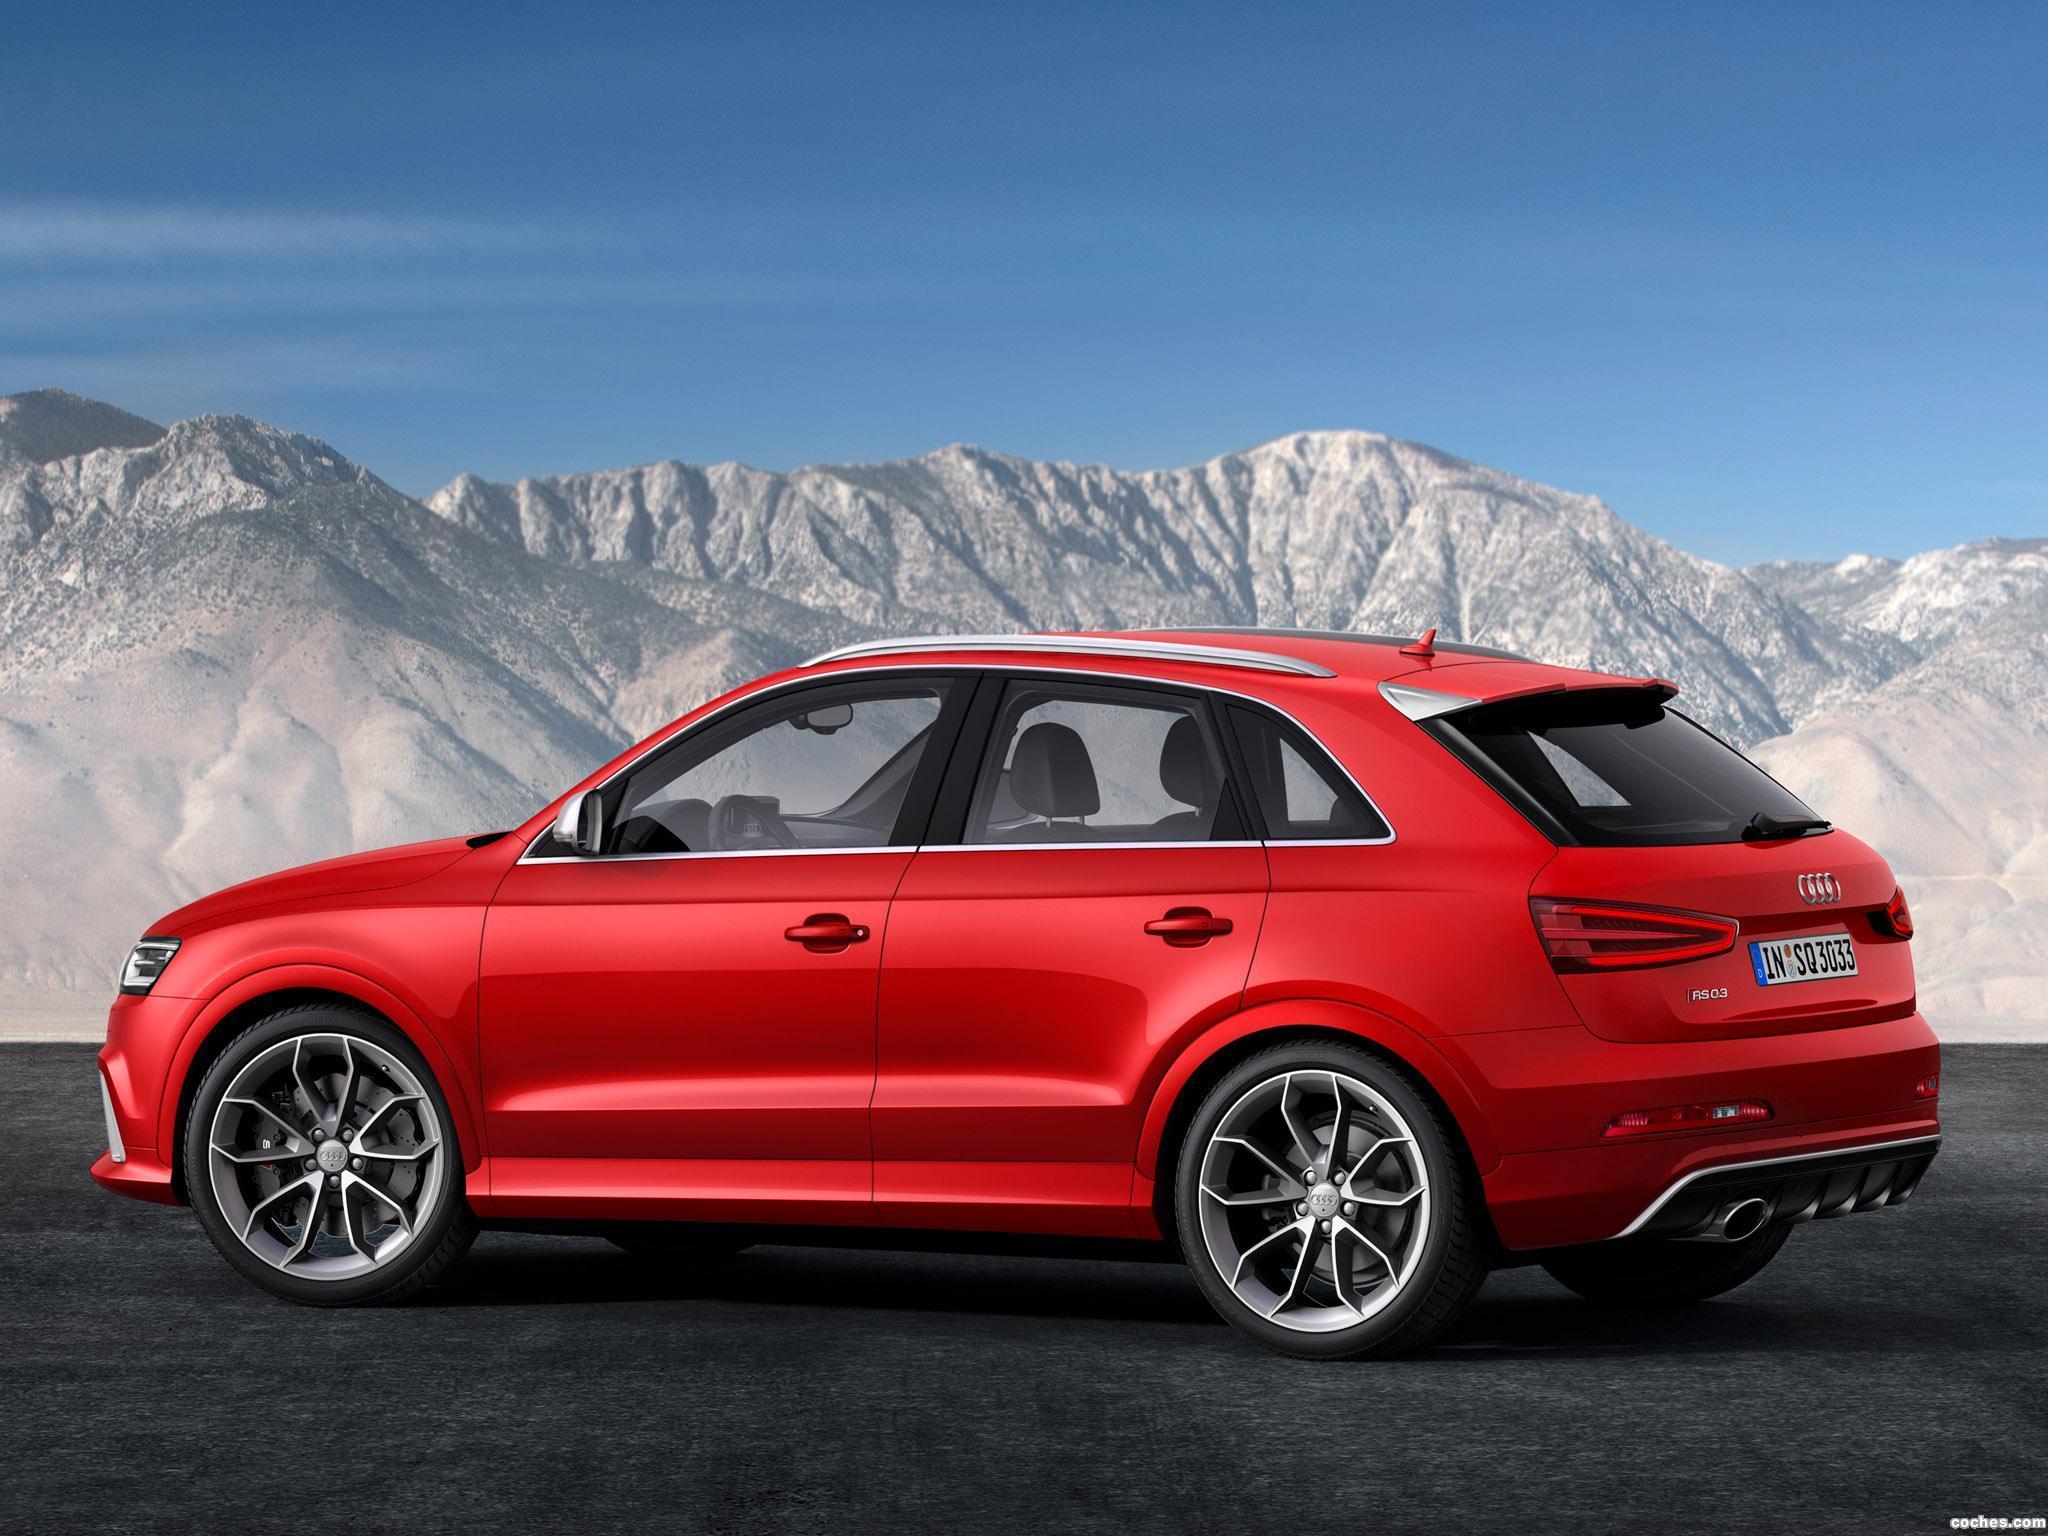 Foto 9 de Audi Q3 RS 2013